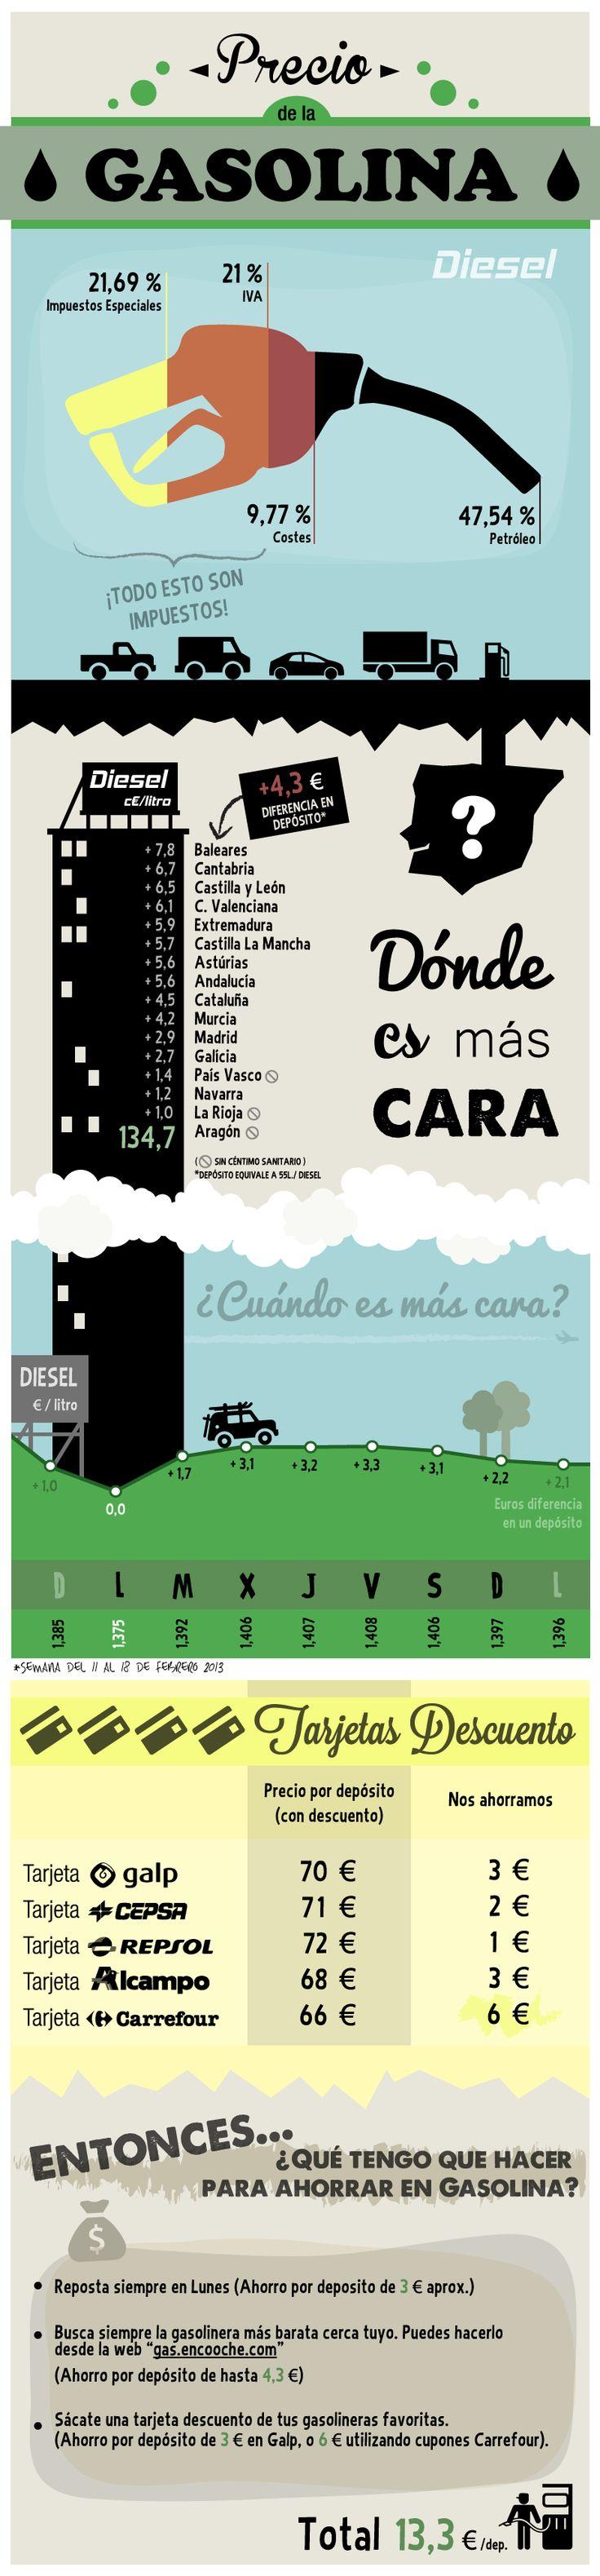 Todo sobre el precio de la gasolina en España #infografia #infographic